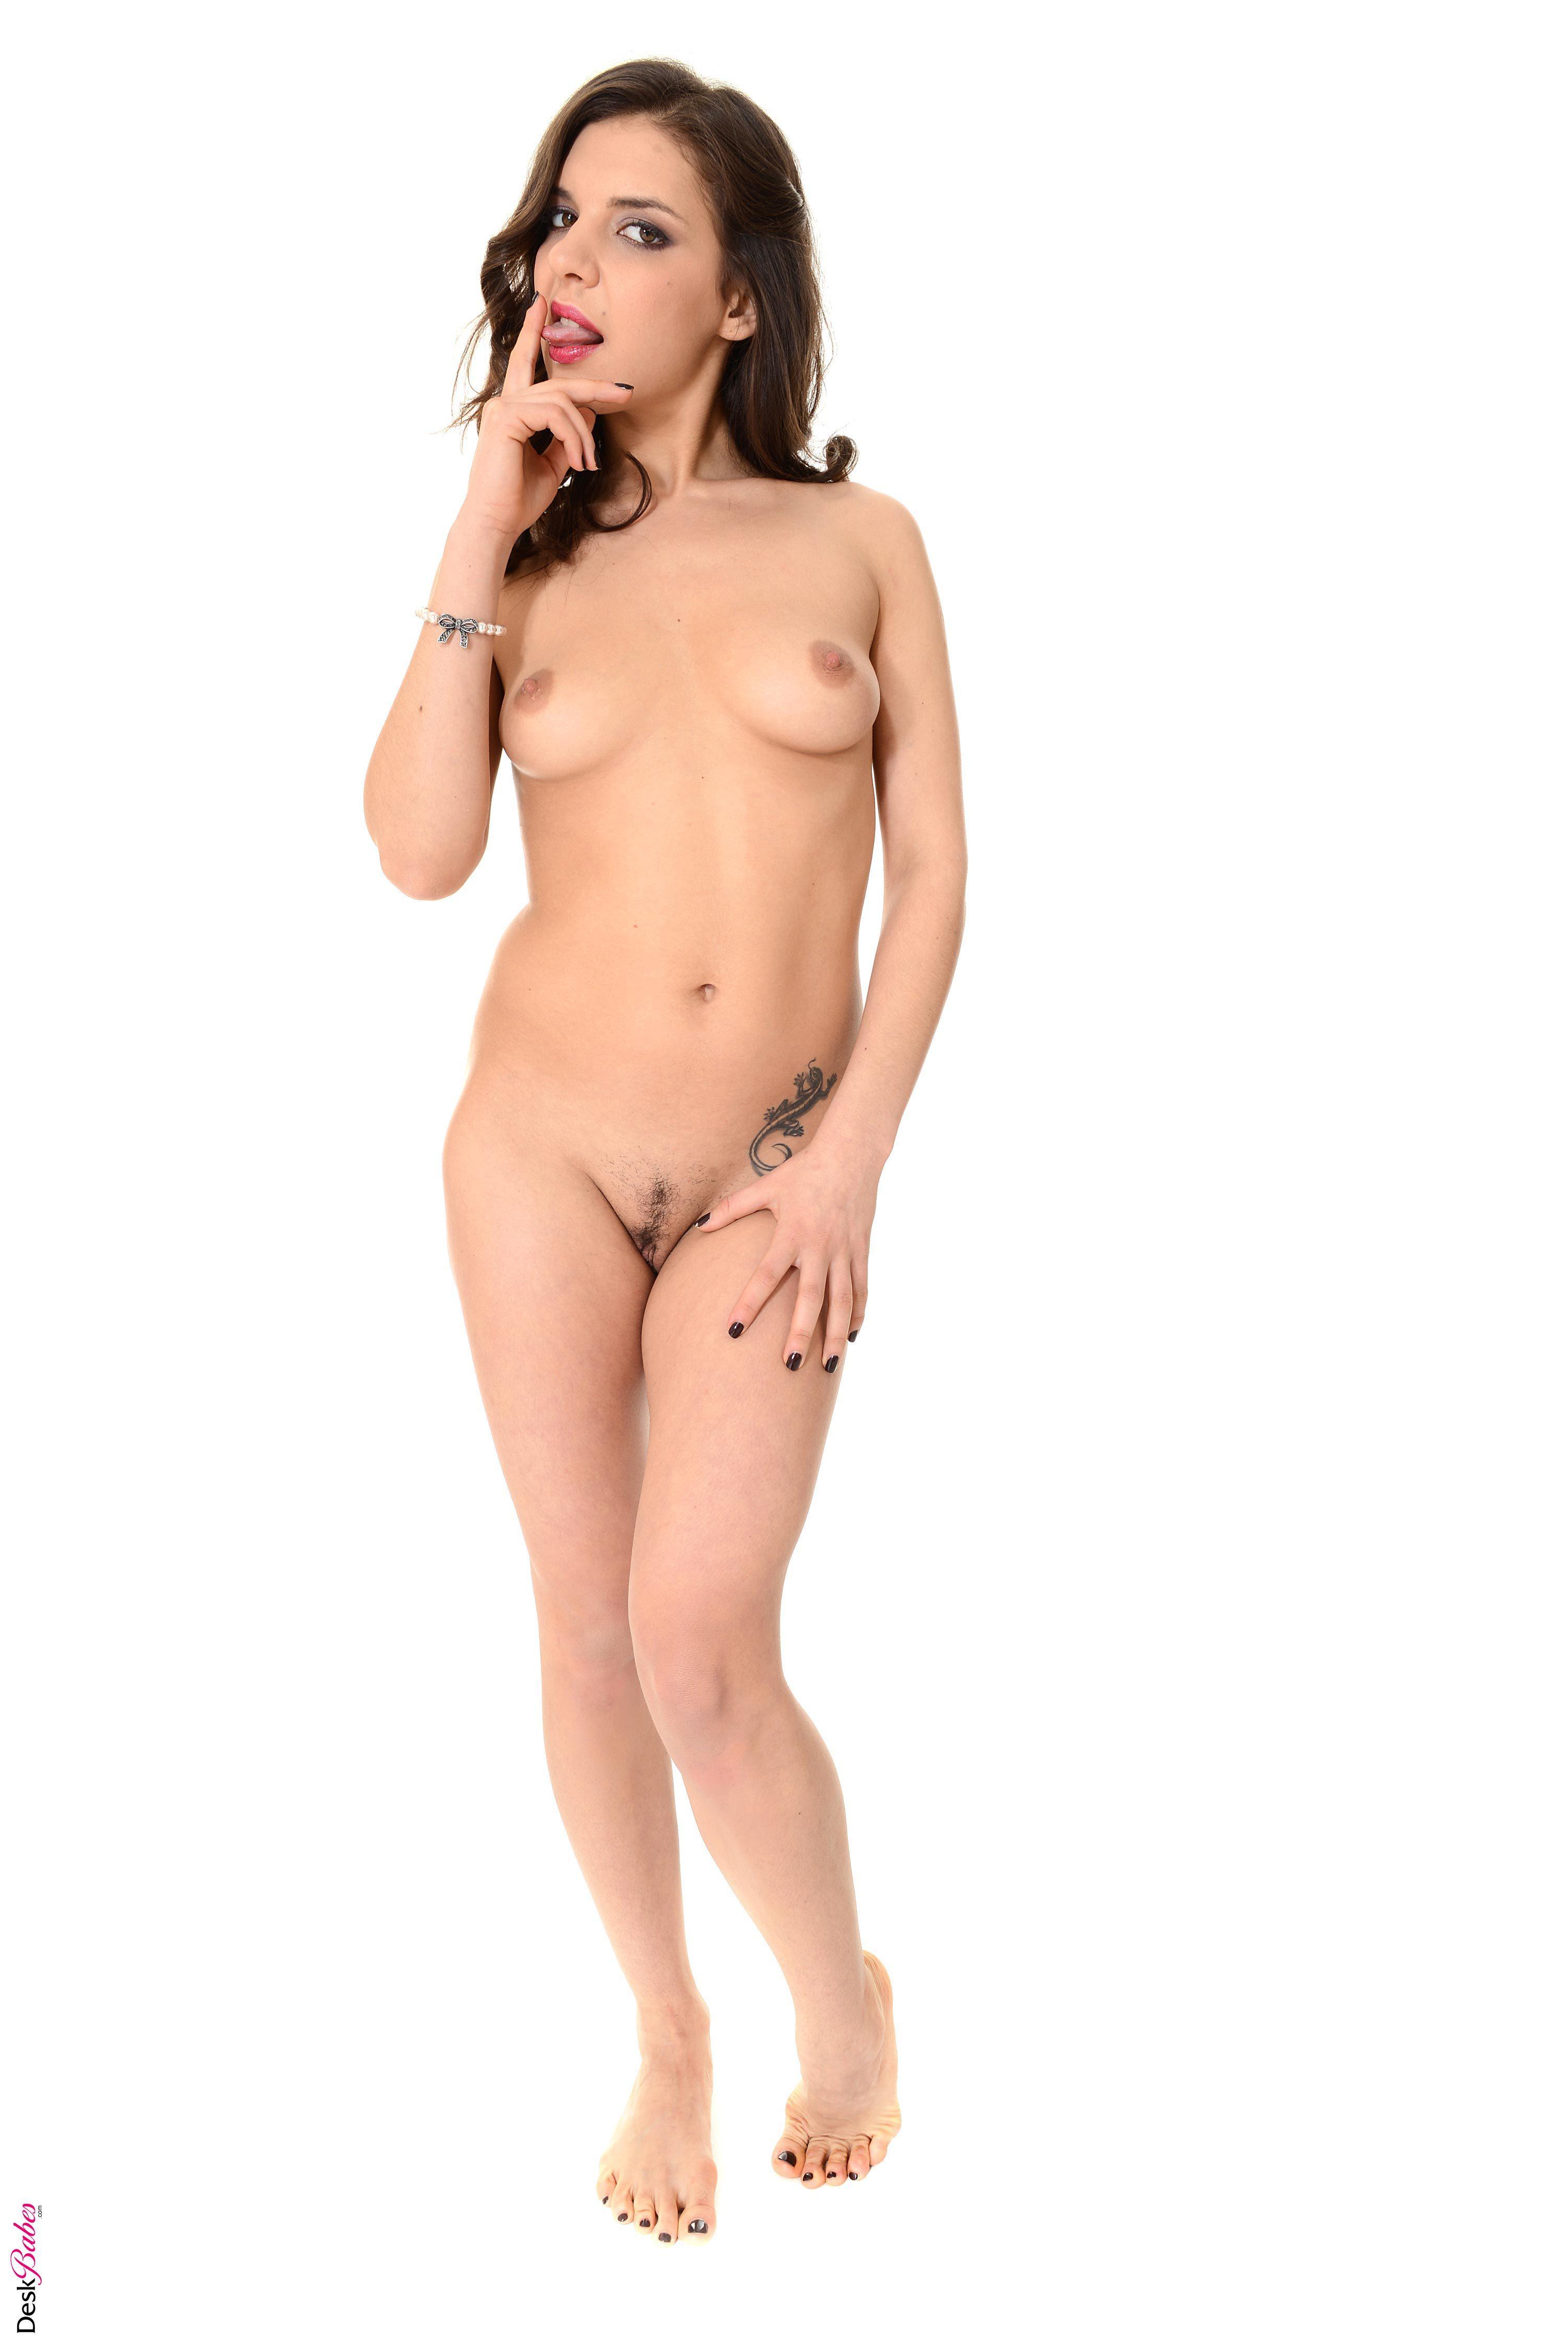 Alina eremenko nude